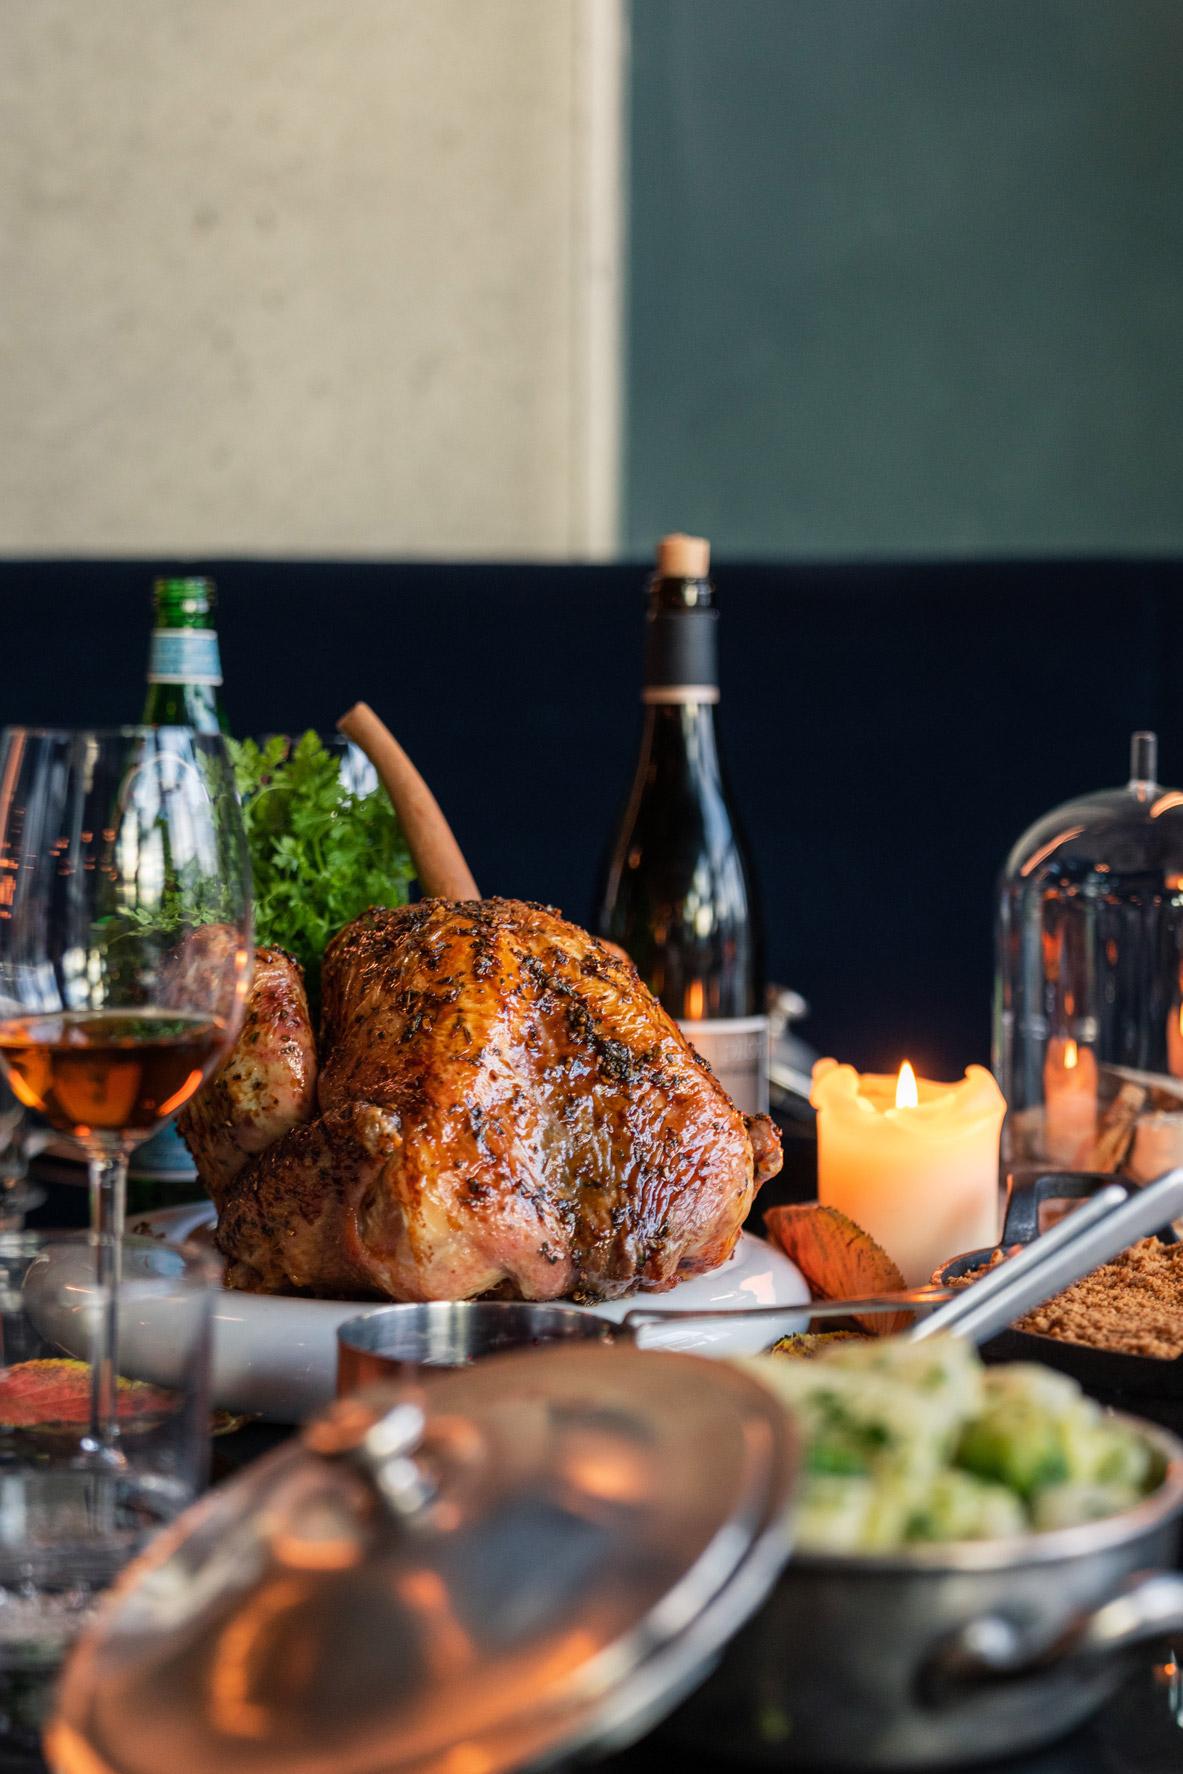 kerstdiner thuis laten bezorgen - kerst diner bezorgen - restaurants kerstdiner - thuis uit eten kerst